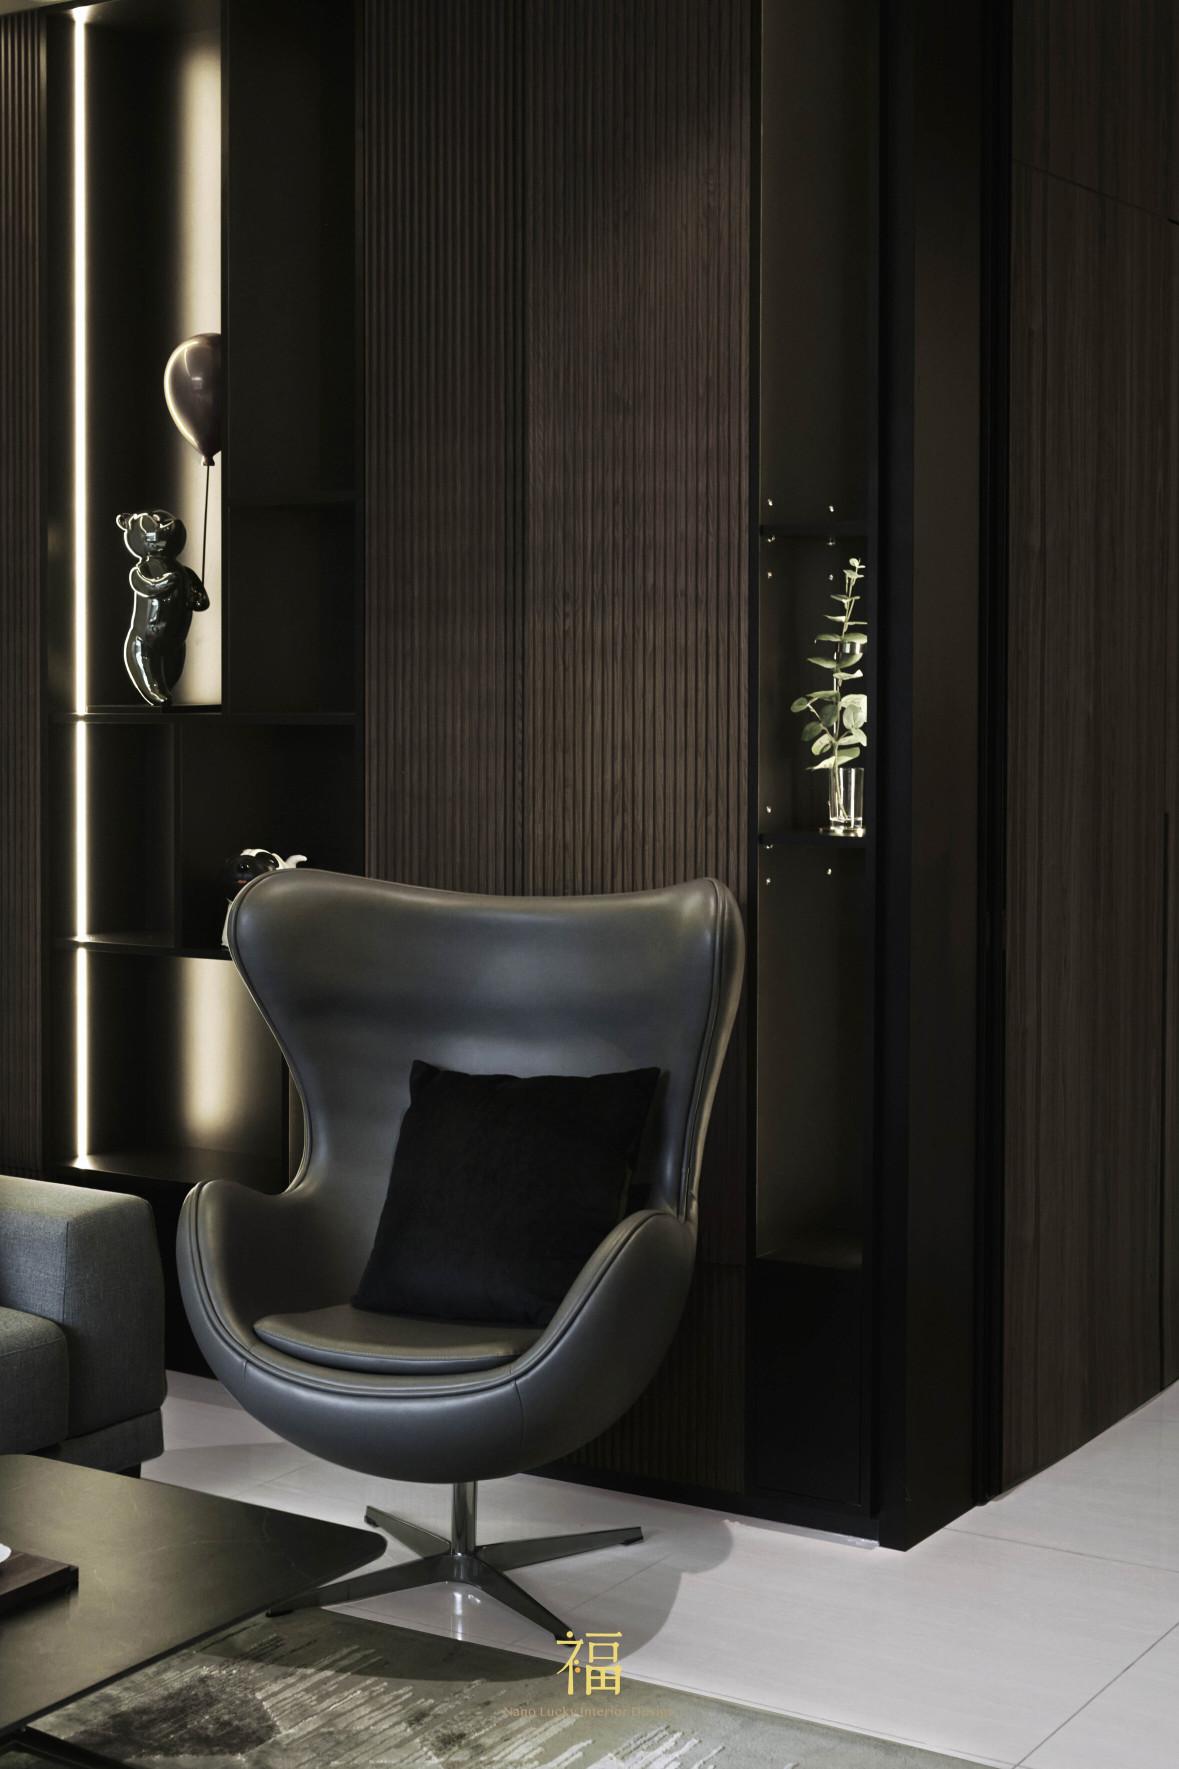 福宅雅居|質感蛋椅家飾|嘉義住宅空間設計